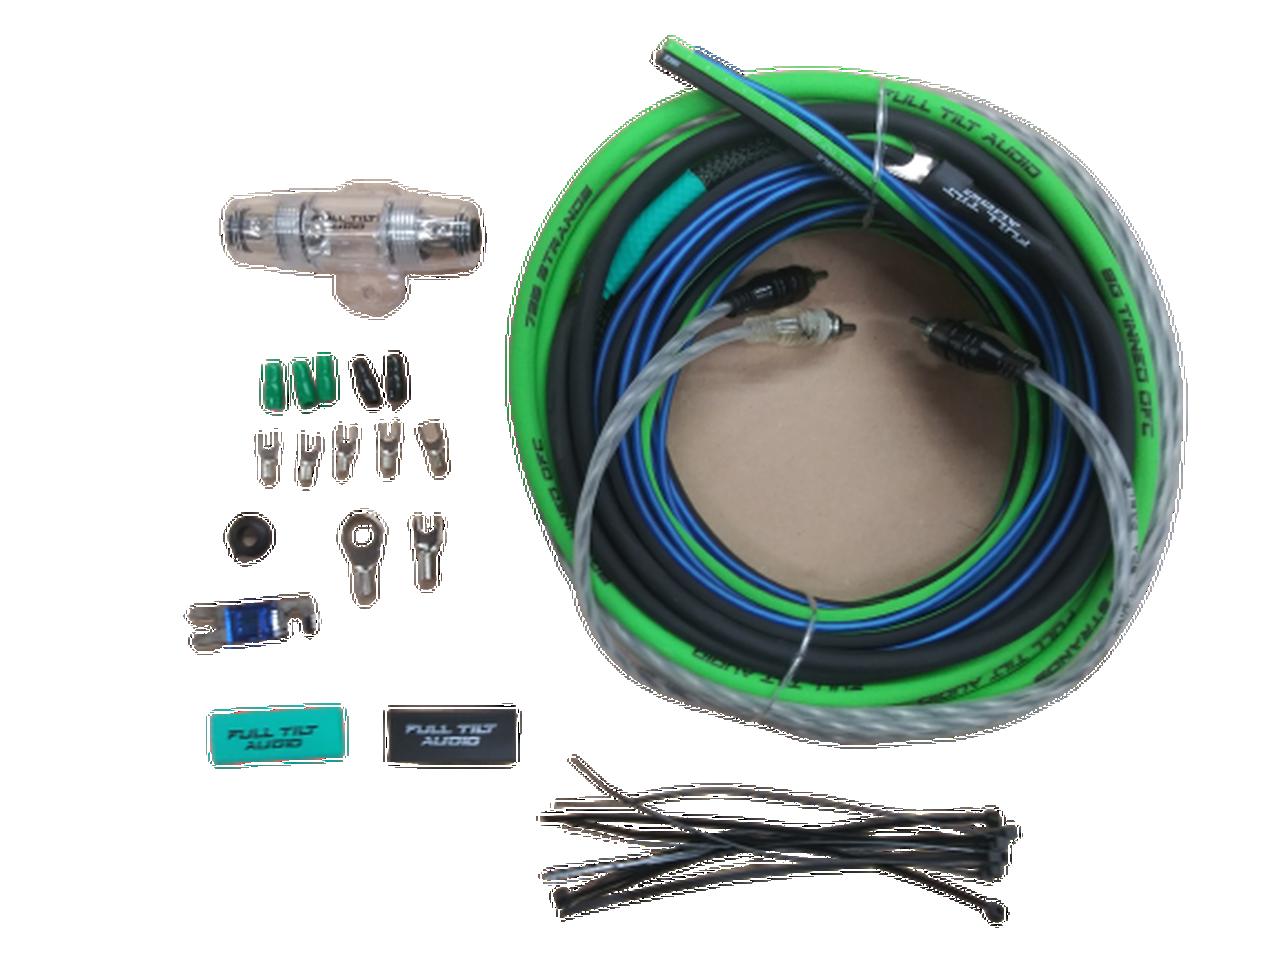 FULL TILT 8 GAUGE AWG LIME GREEN/BLACK AMPLIFIER/AMP WIRE KIT